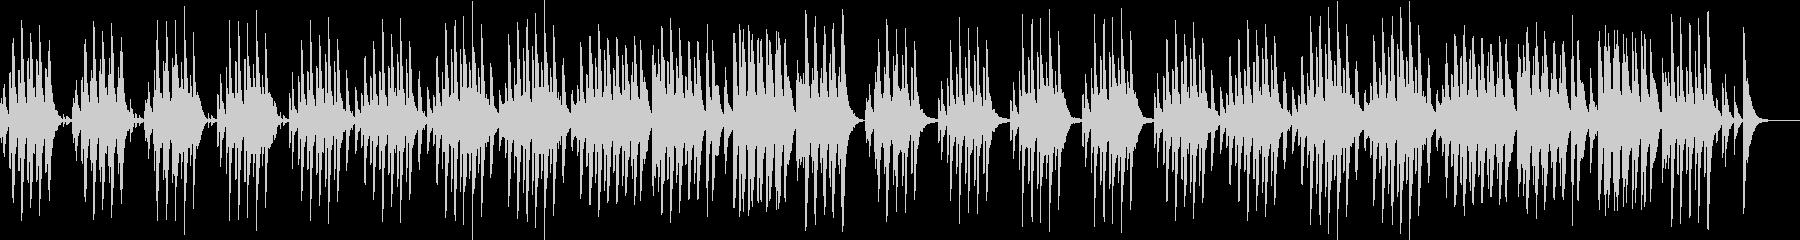 ほのぼの可愛い木琴の未再生の波形